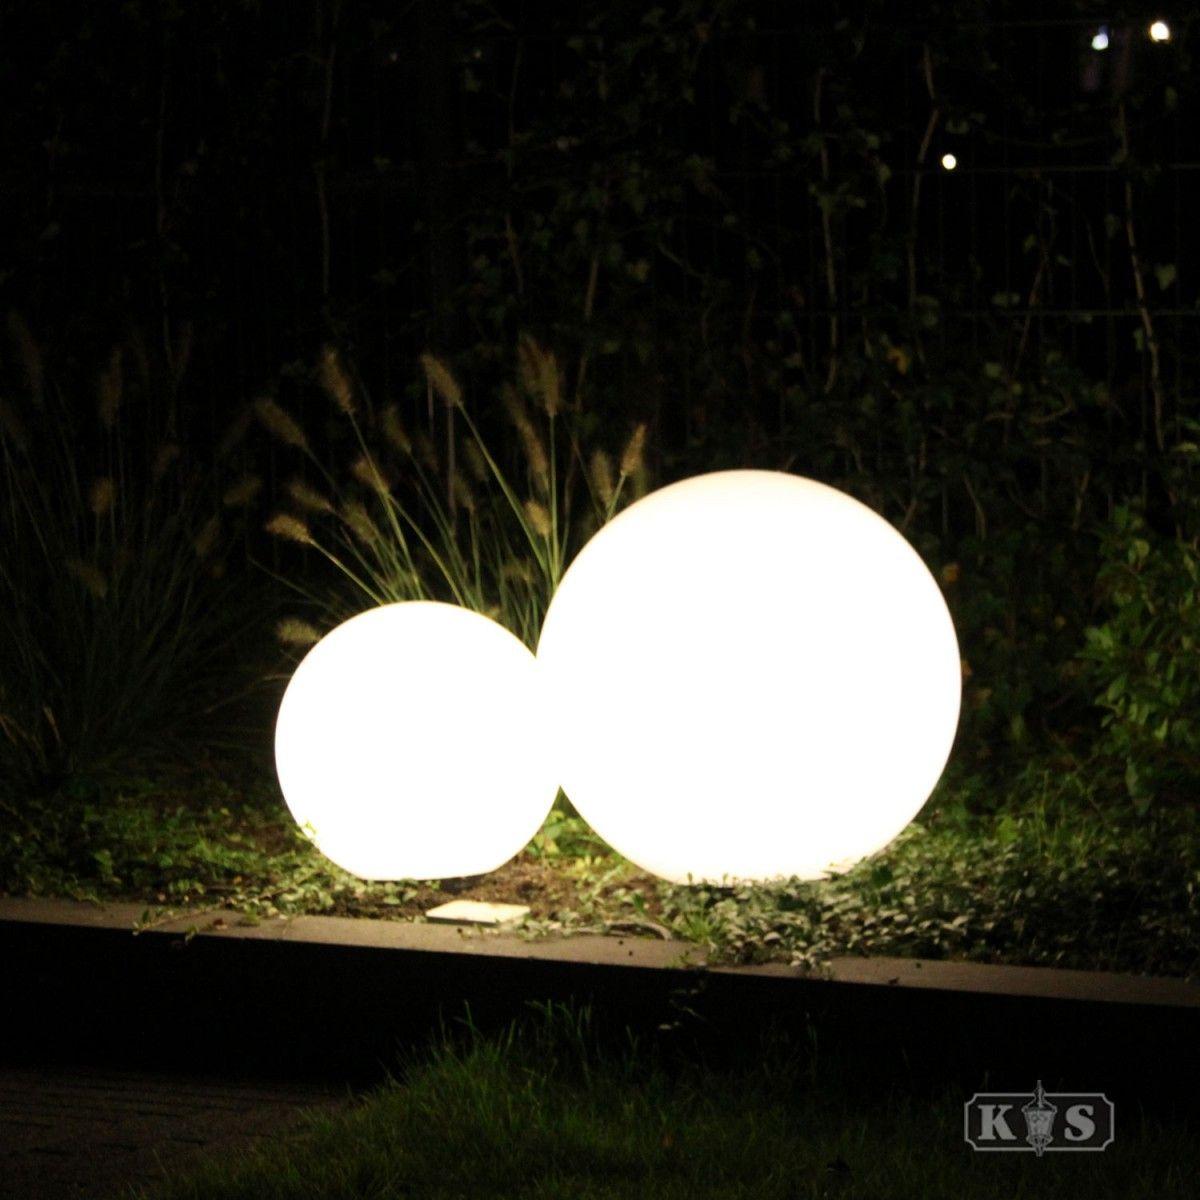 Tuinbol Ø 40 incl. spie | Weihnachtsbeleuchtung innen, Terrasse ...